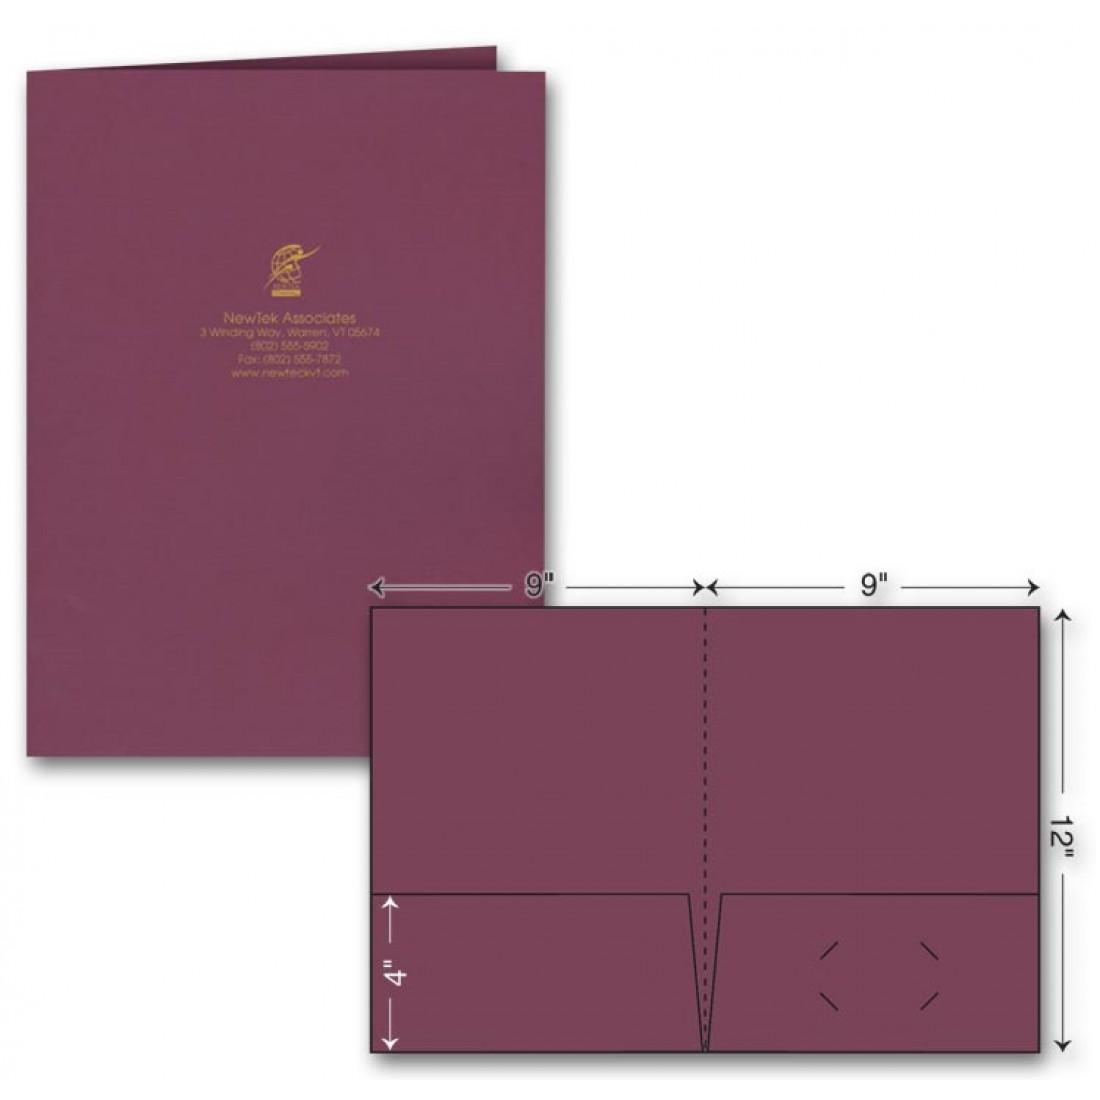 Standard Presentation Folder - Foil Imprint